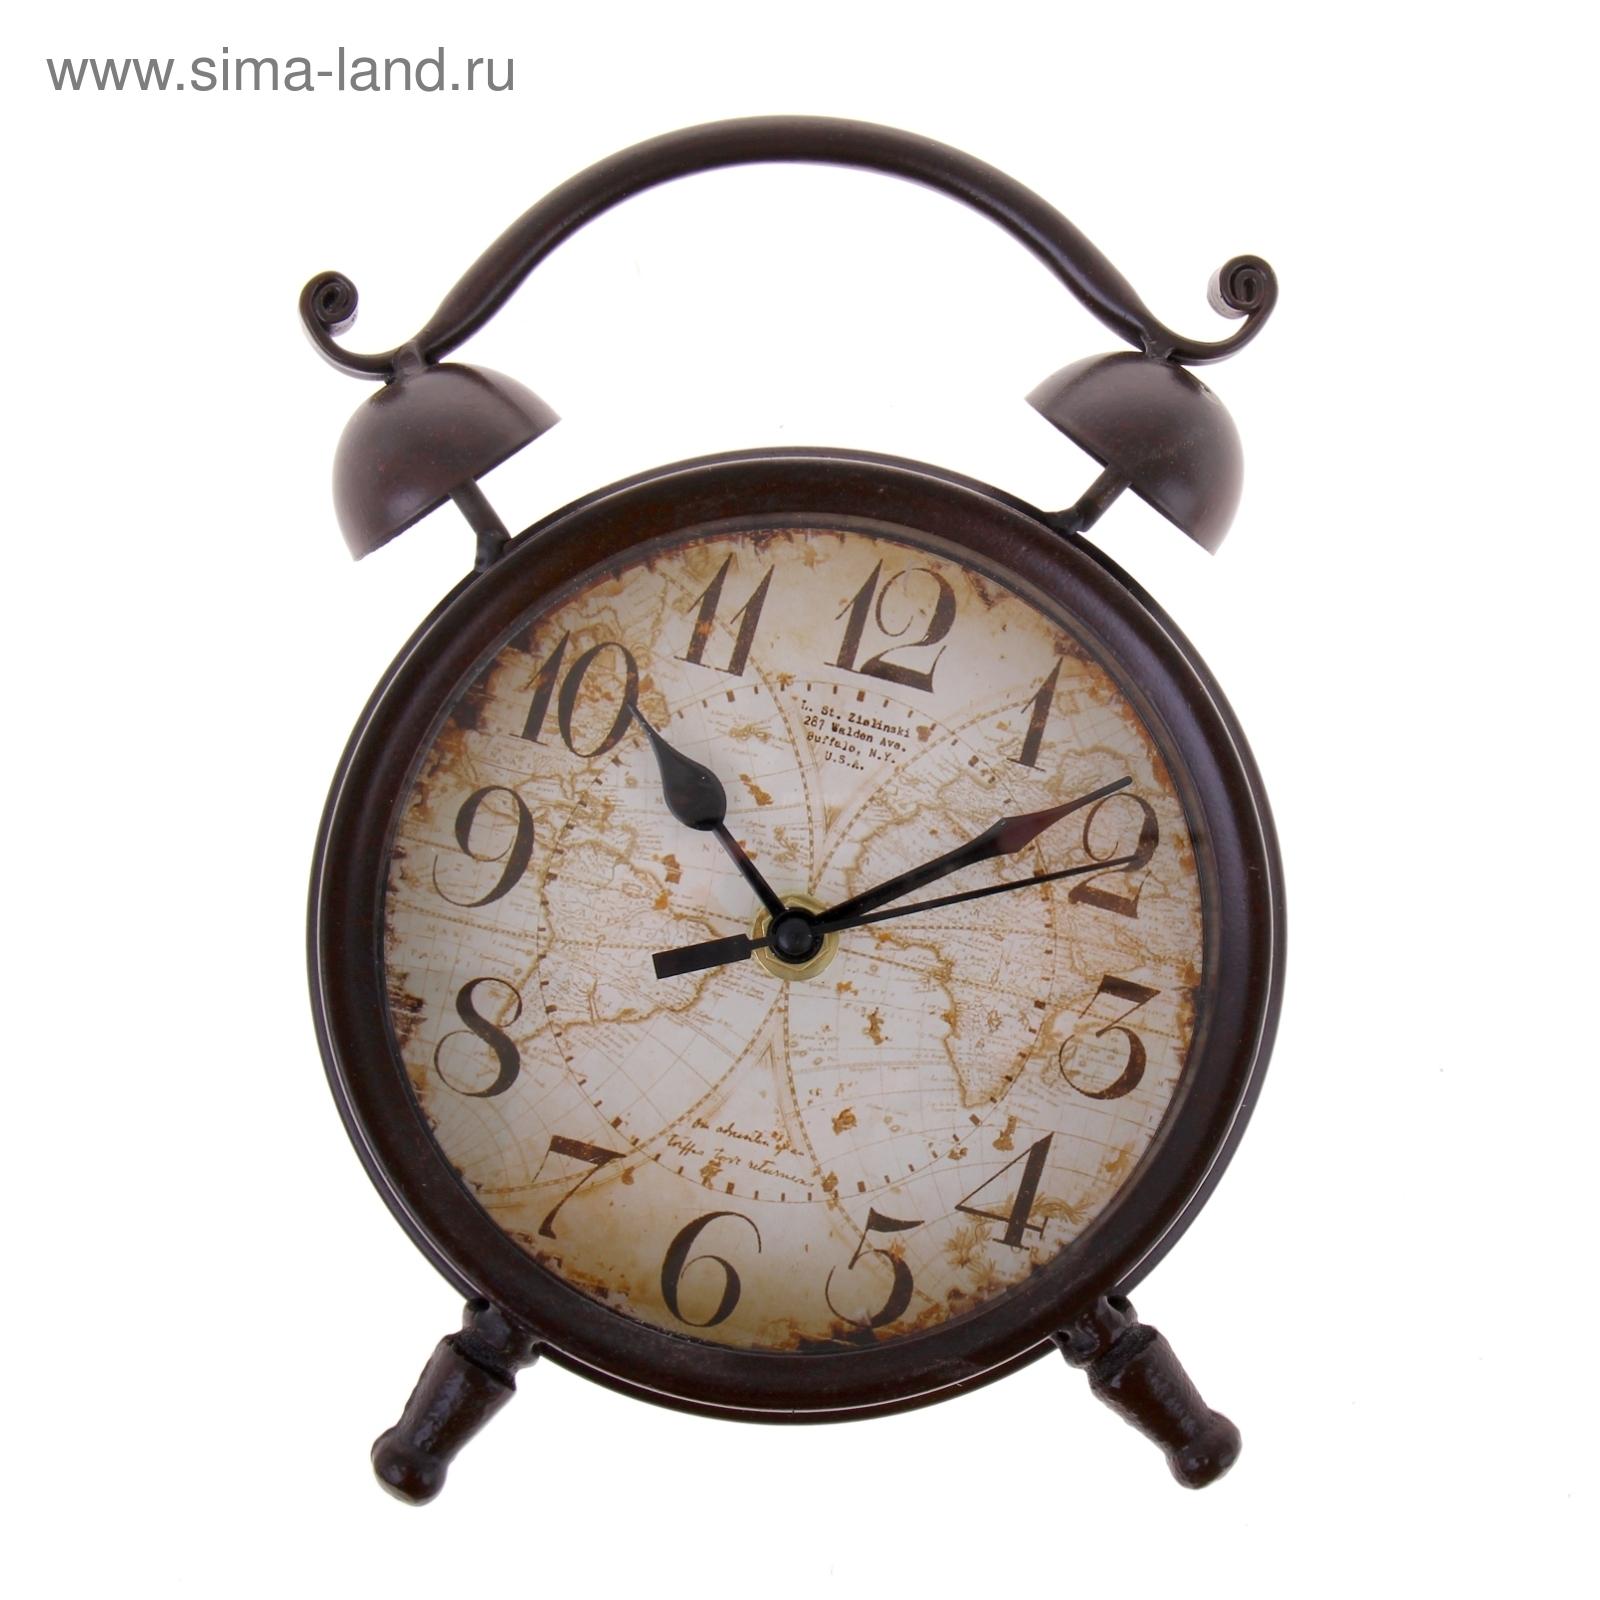 Настольные ретро часы купить в часы hublot купить в украине